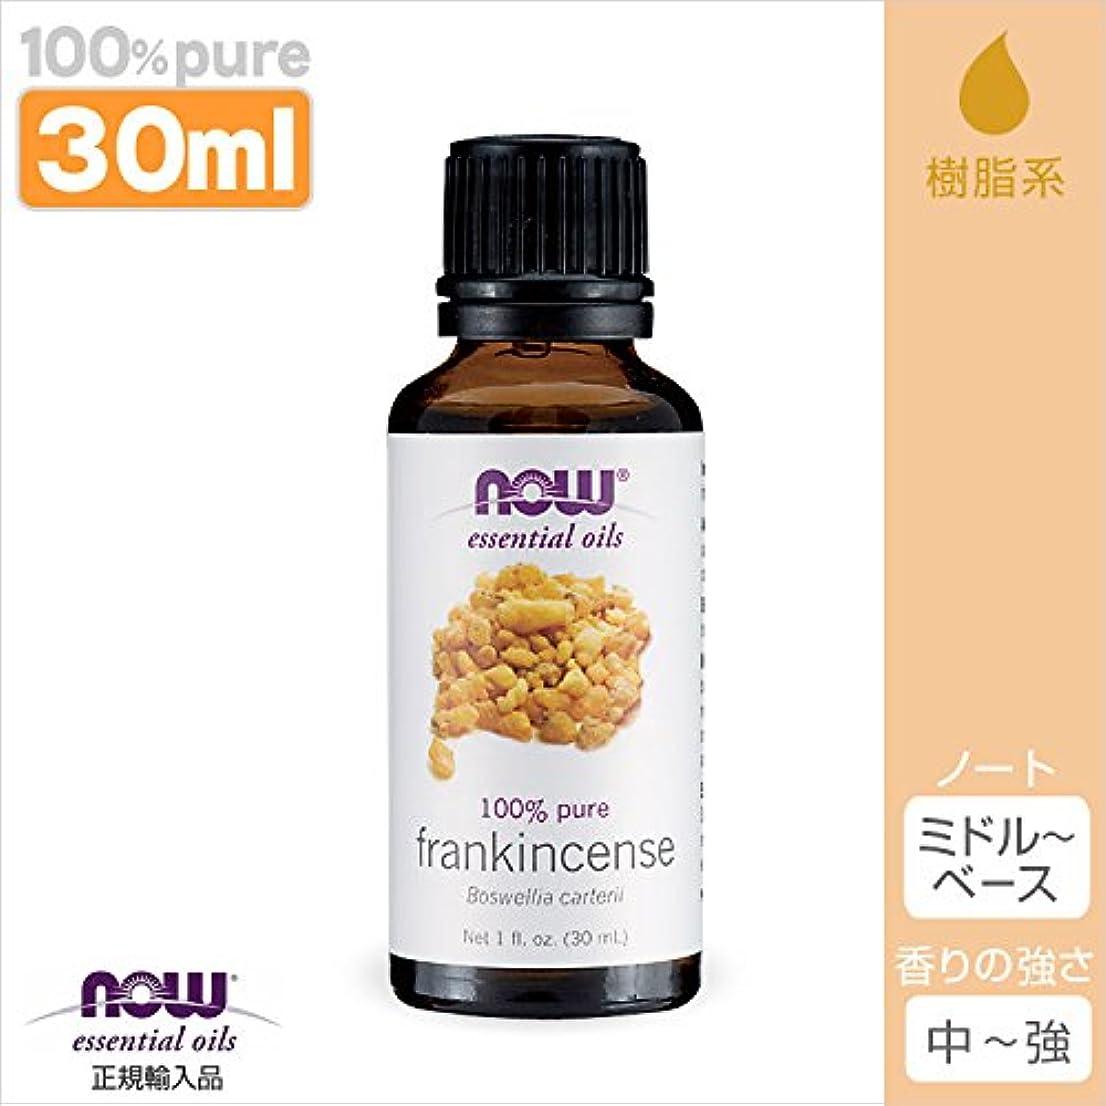 現象マイナーセーターフランキンセンス 精油[30ml]  【正規輸入品】 NOWエッセンシャルオイル(アロマオイル)